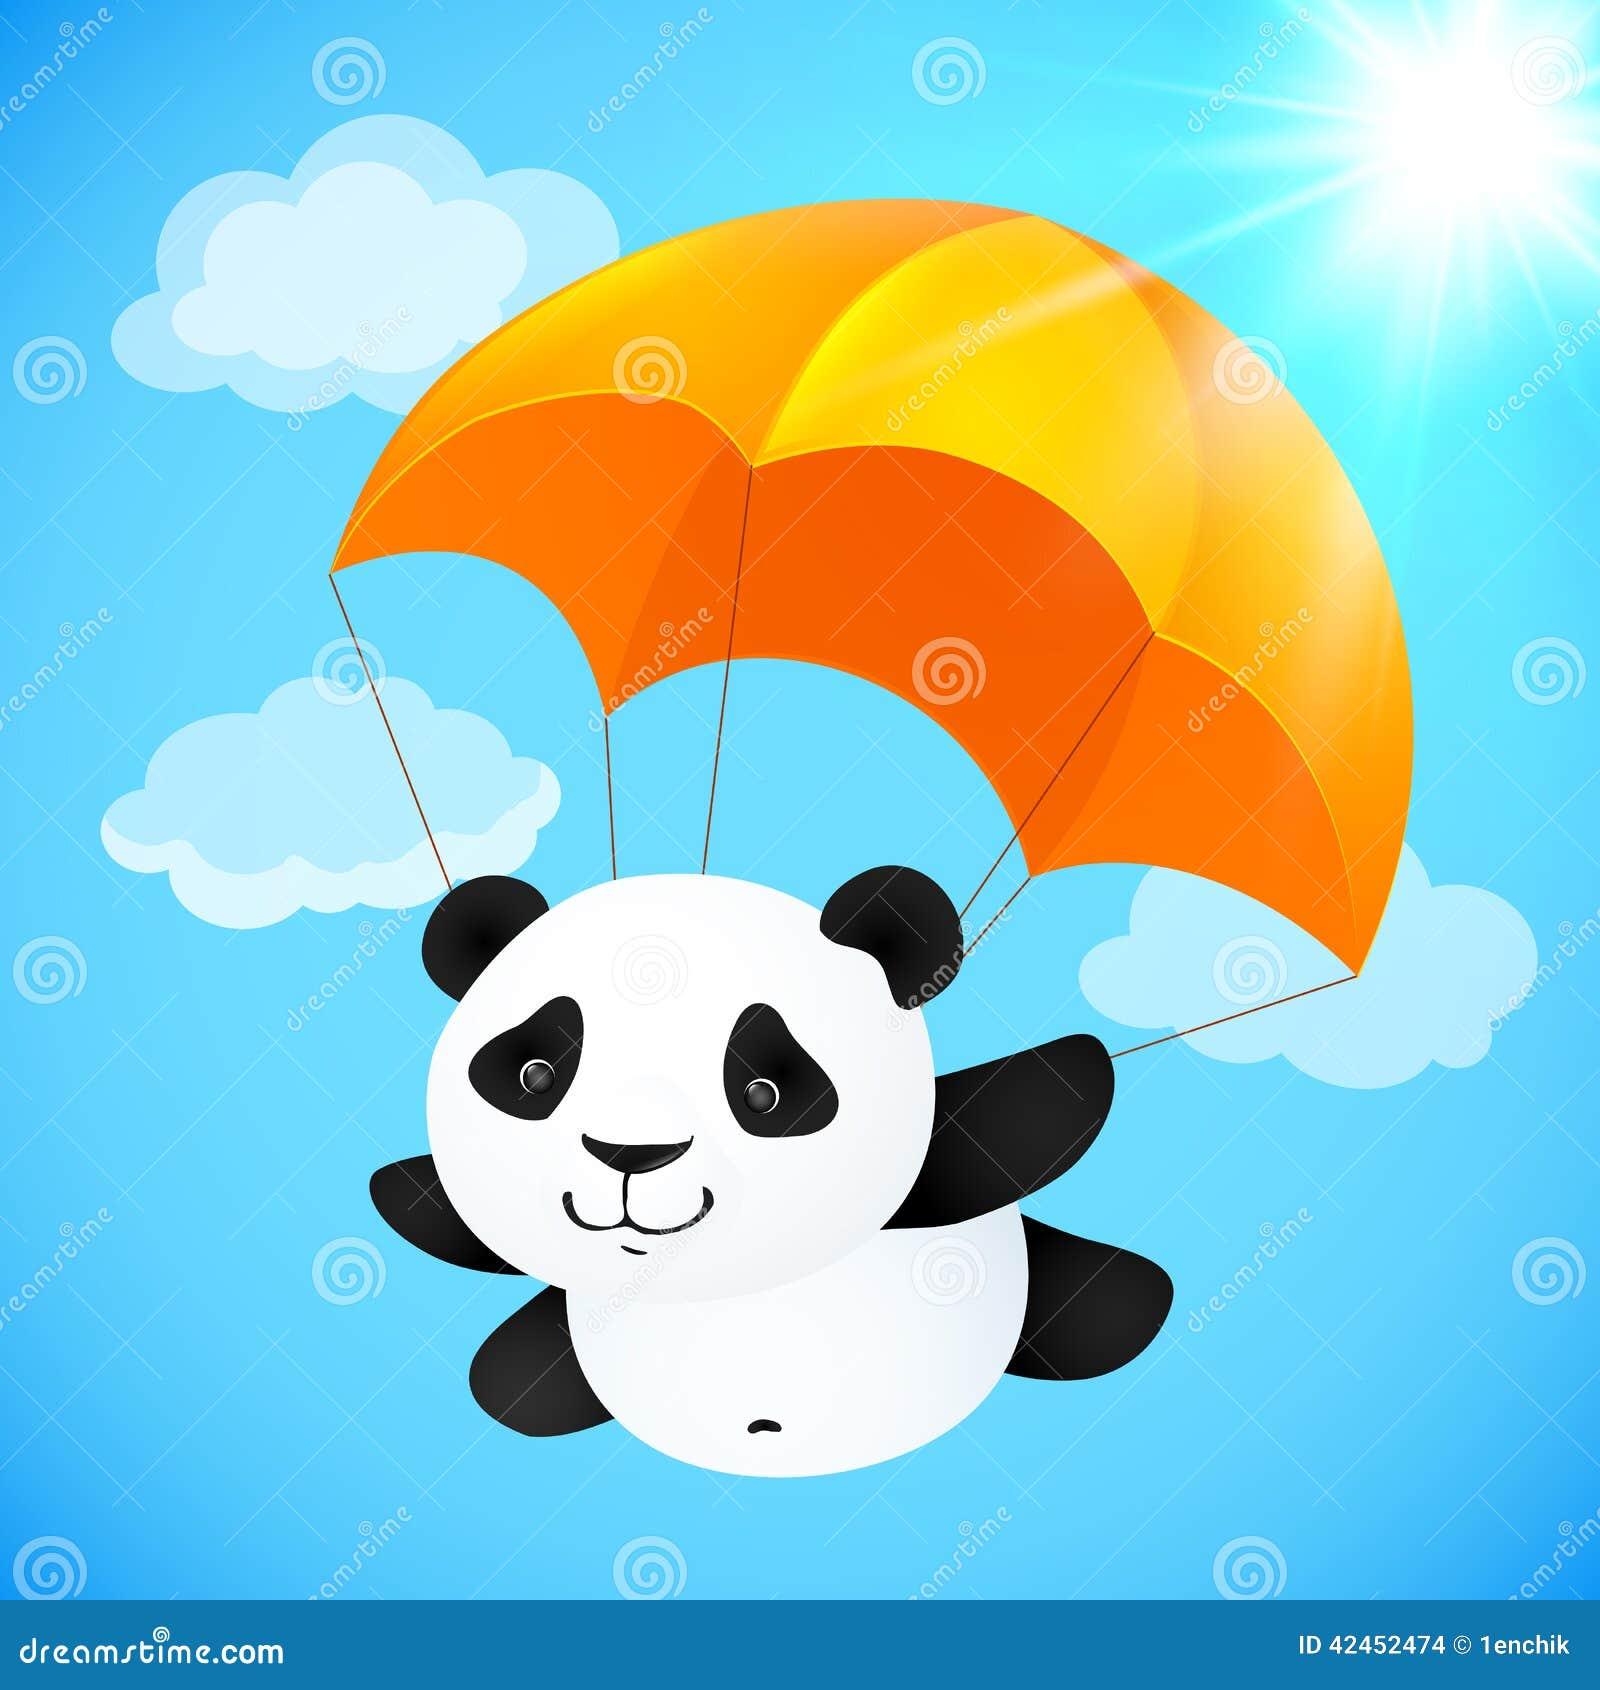 Lustiges nettes Pandafliegen mit orange Fallschirm